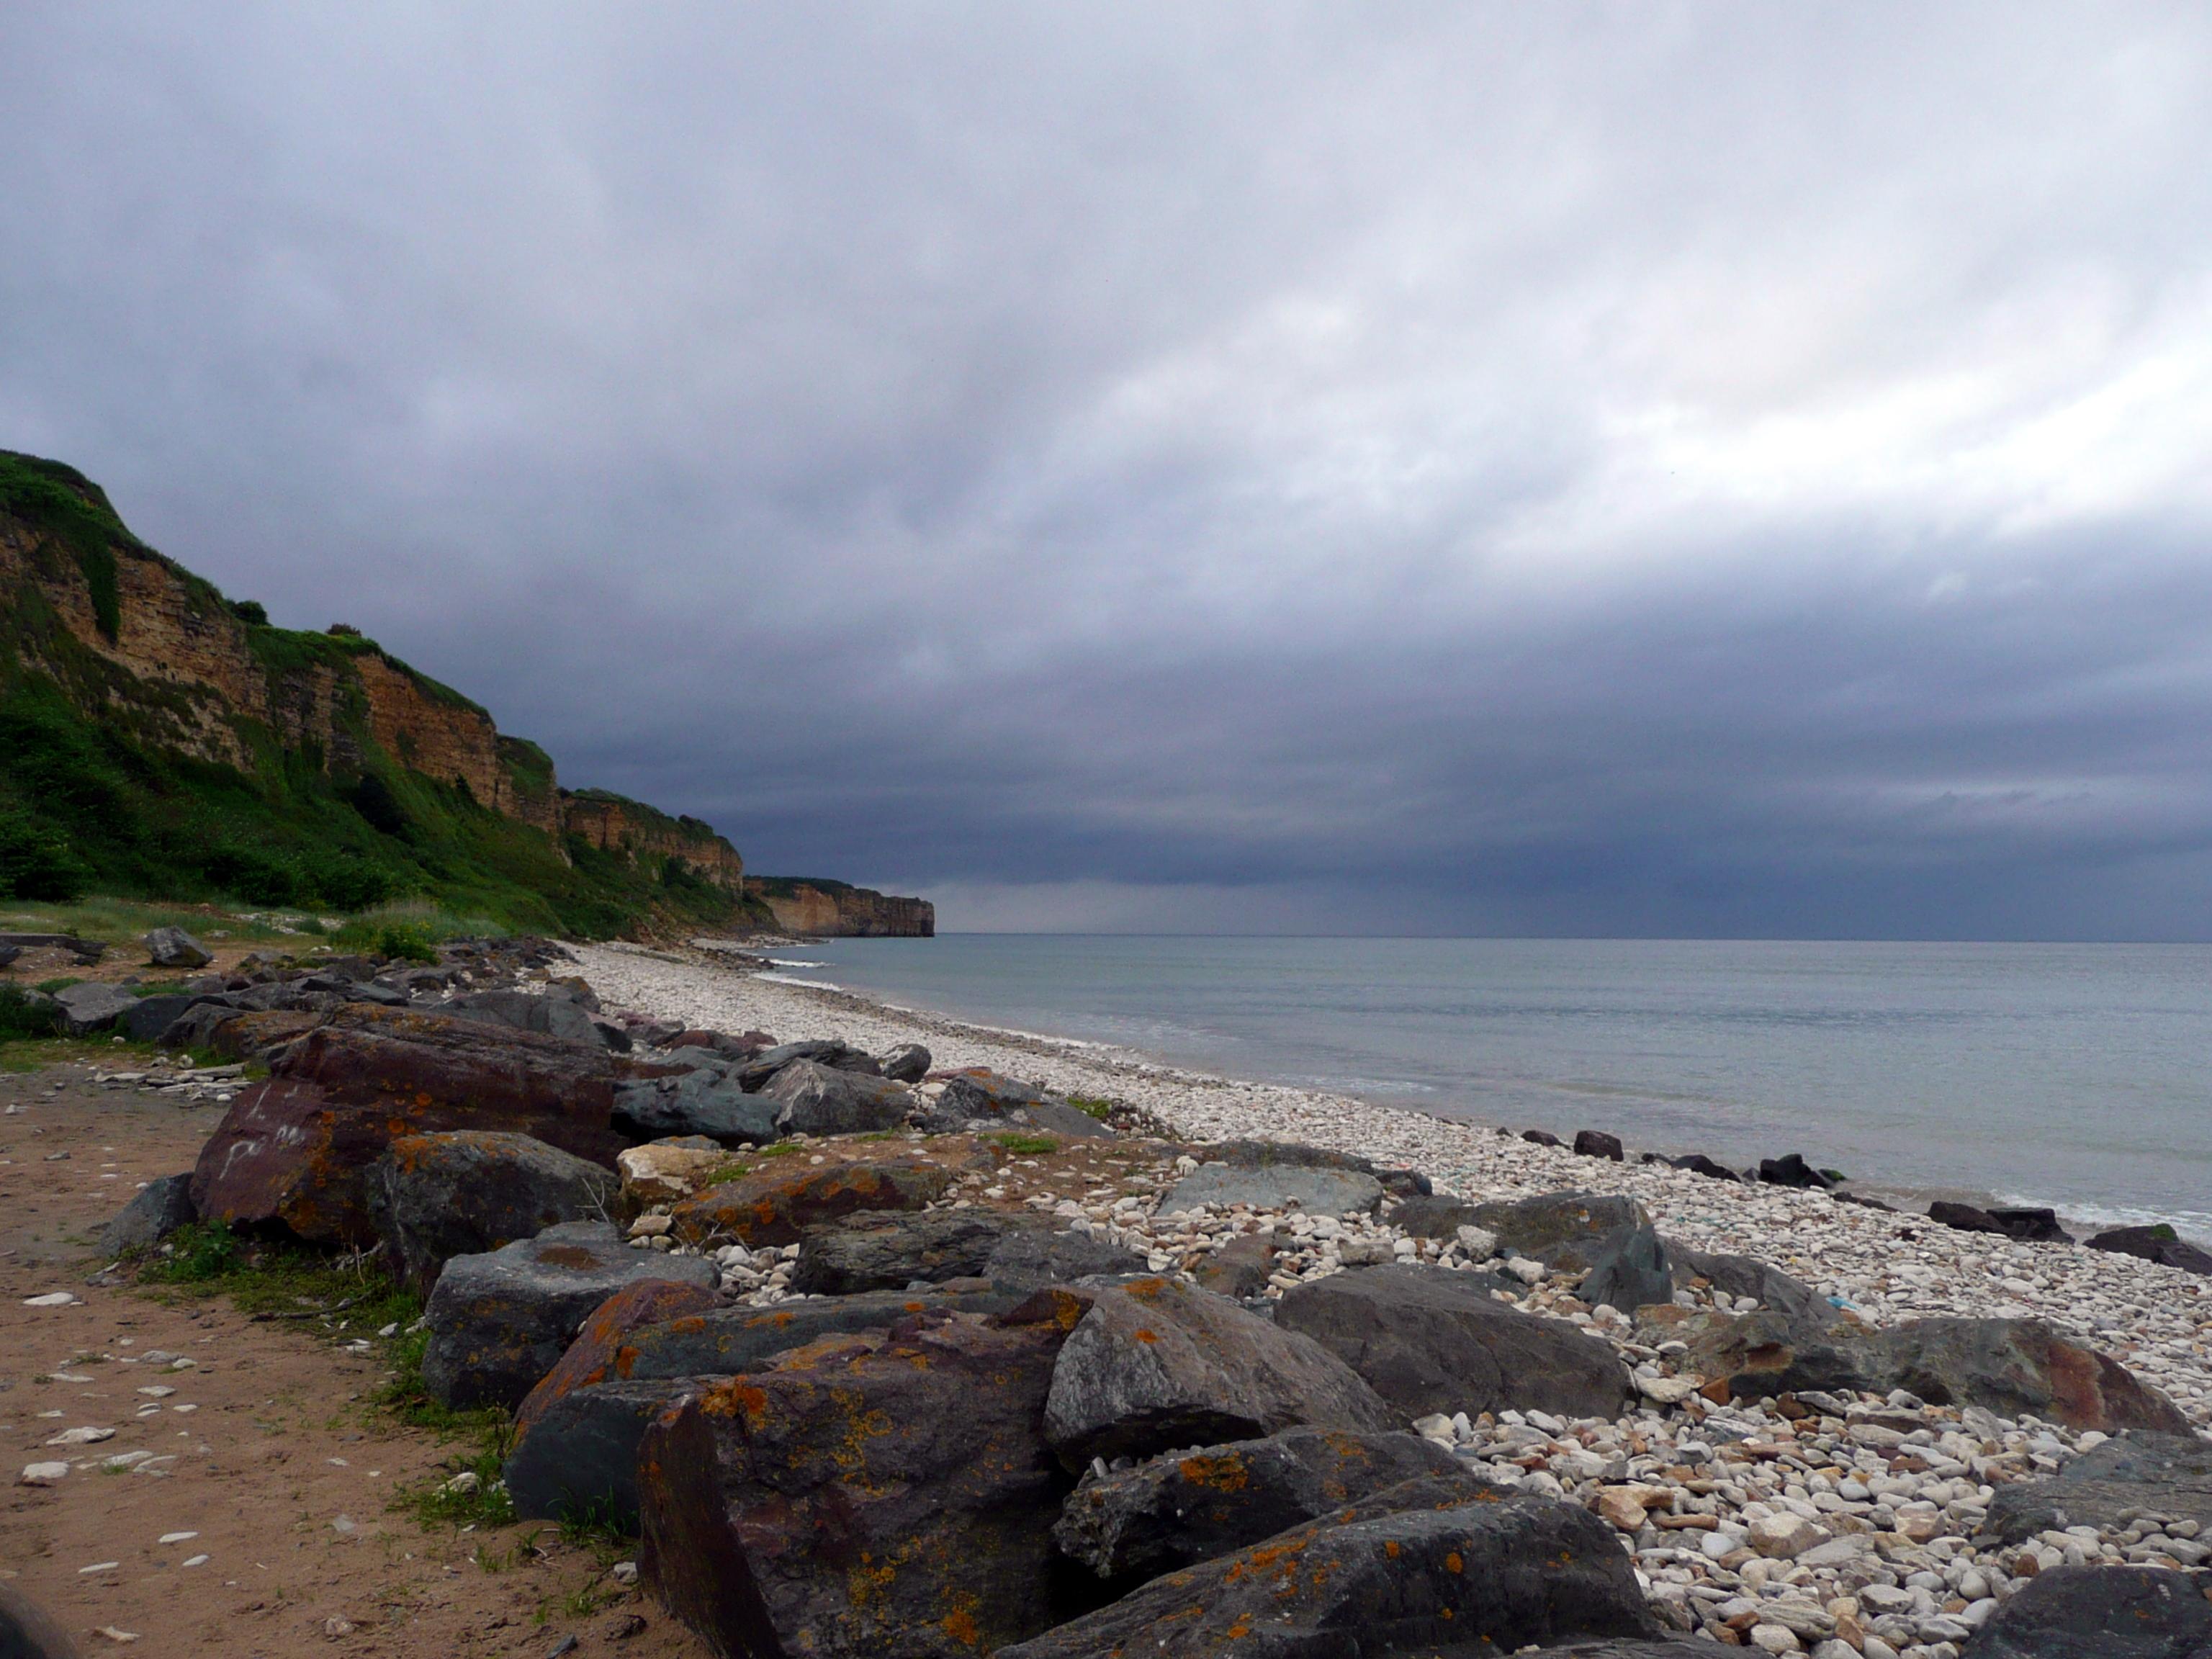 La plage d'Omaha Beach, vers la pointe de Louvières